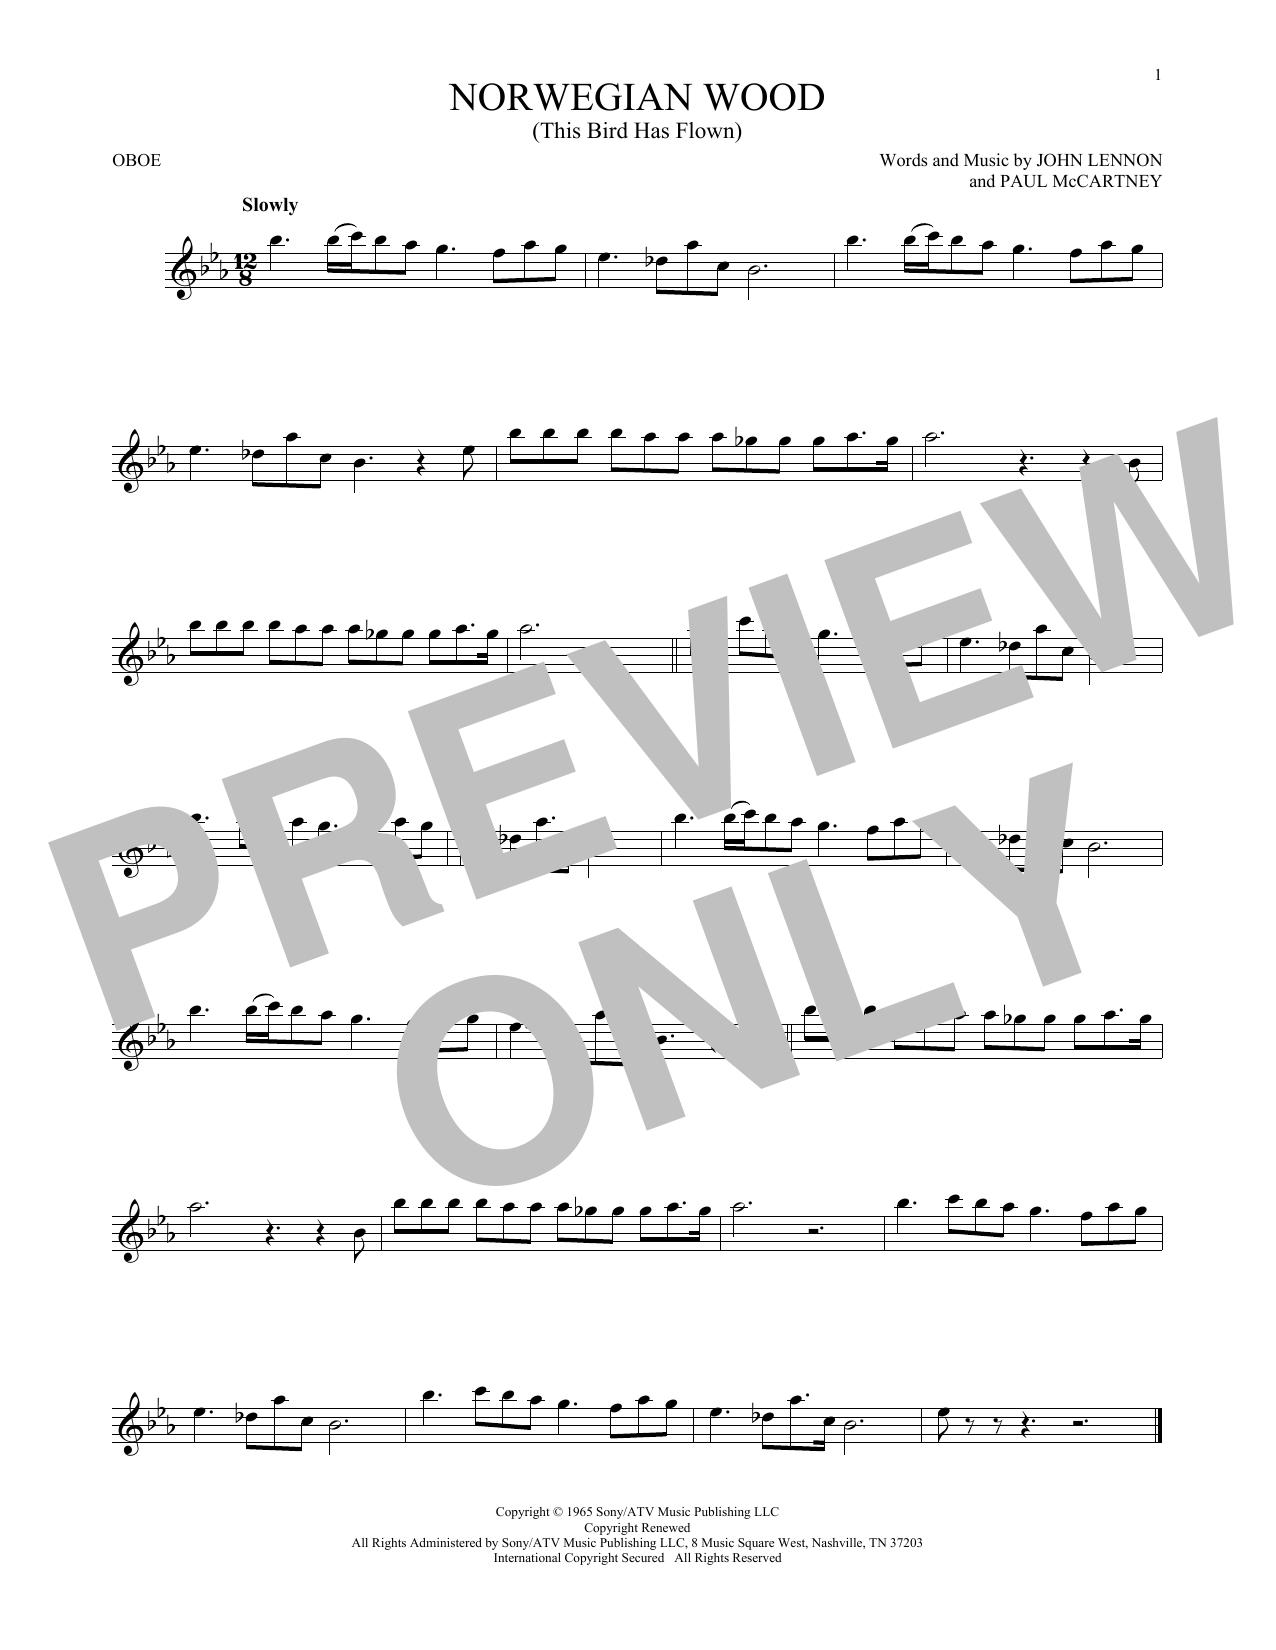 Norwegian Wood (This Bird Has Flown) (Oboe Solo)